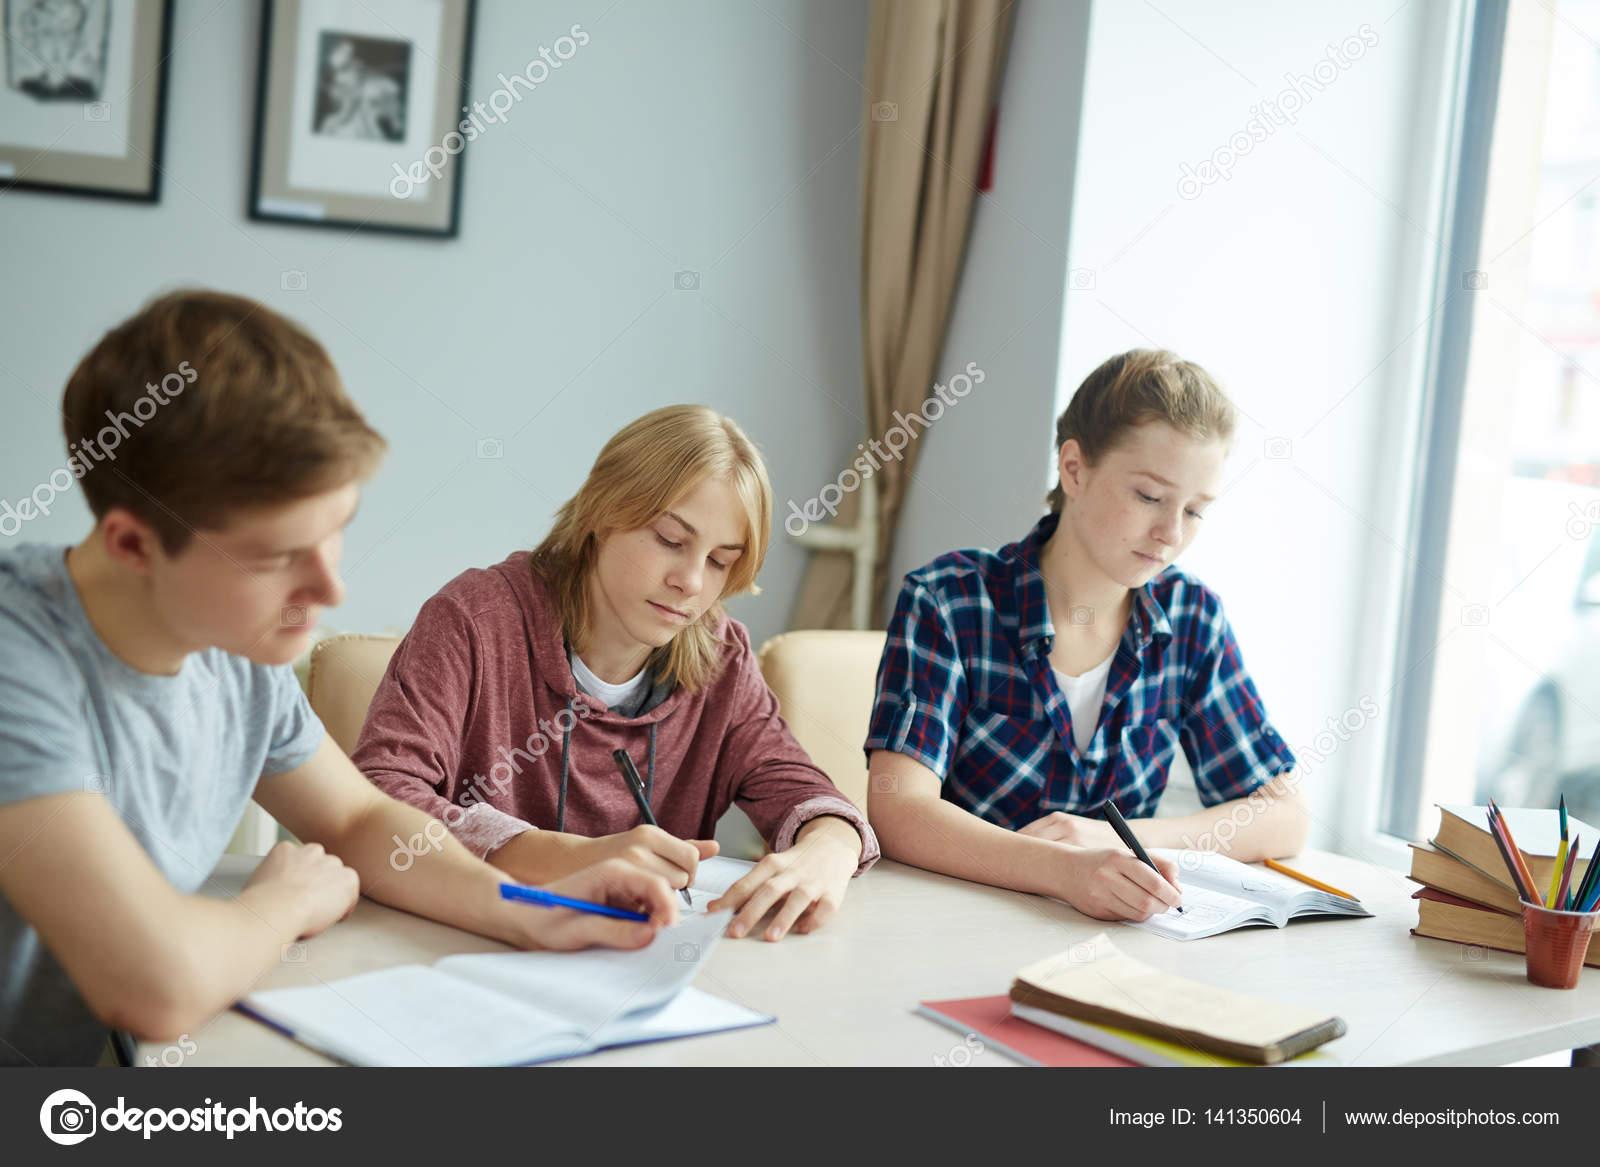 Studenten schreiben Vortrag — Stockfoto © pressmaster #141350604